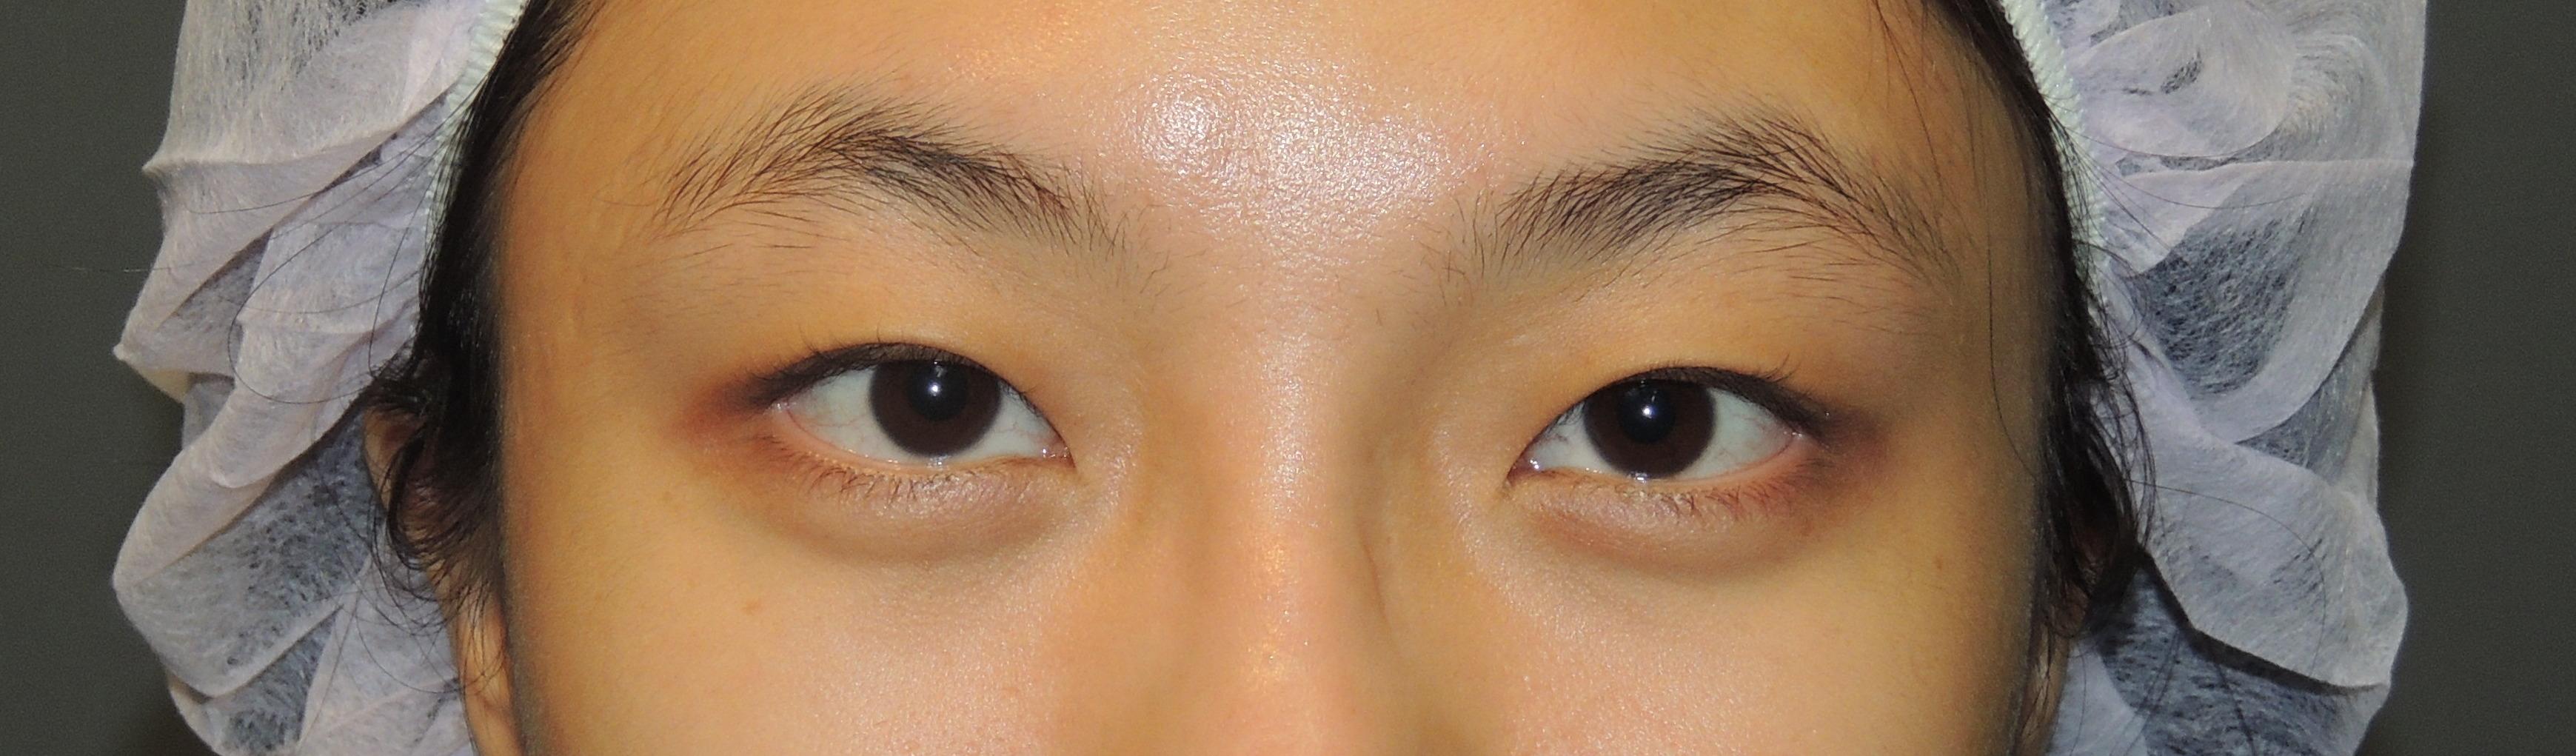 訂書針縫雙眼皮+開眼頭